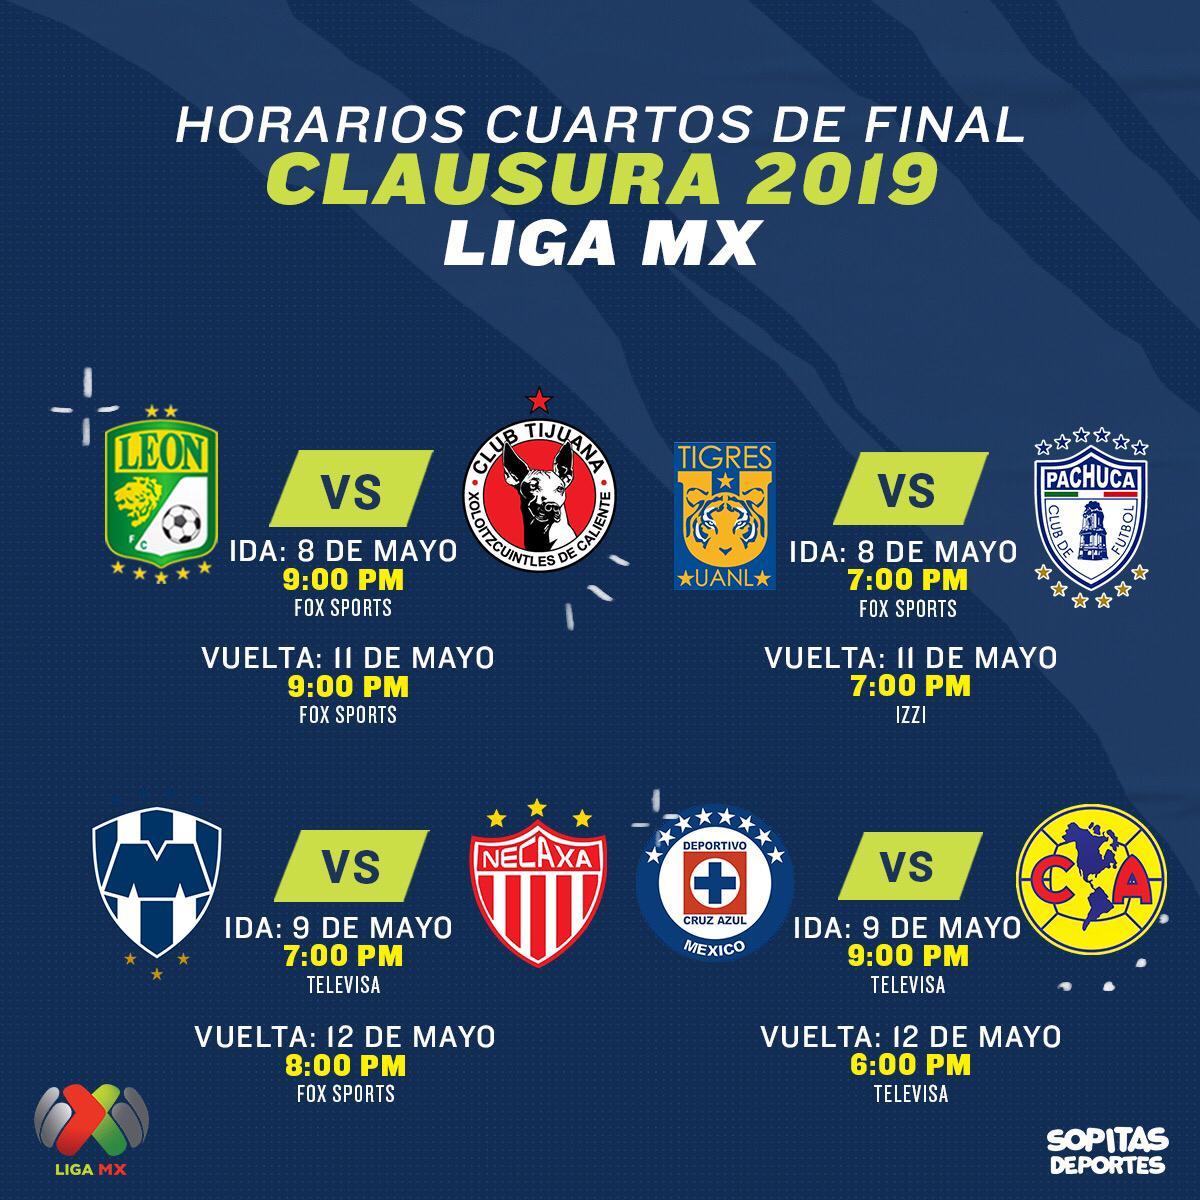 ¿Cómo, cuándo y dónde ver en vivo los Cuartos de Final del Clausura 2019?